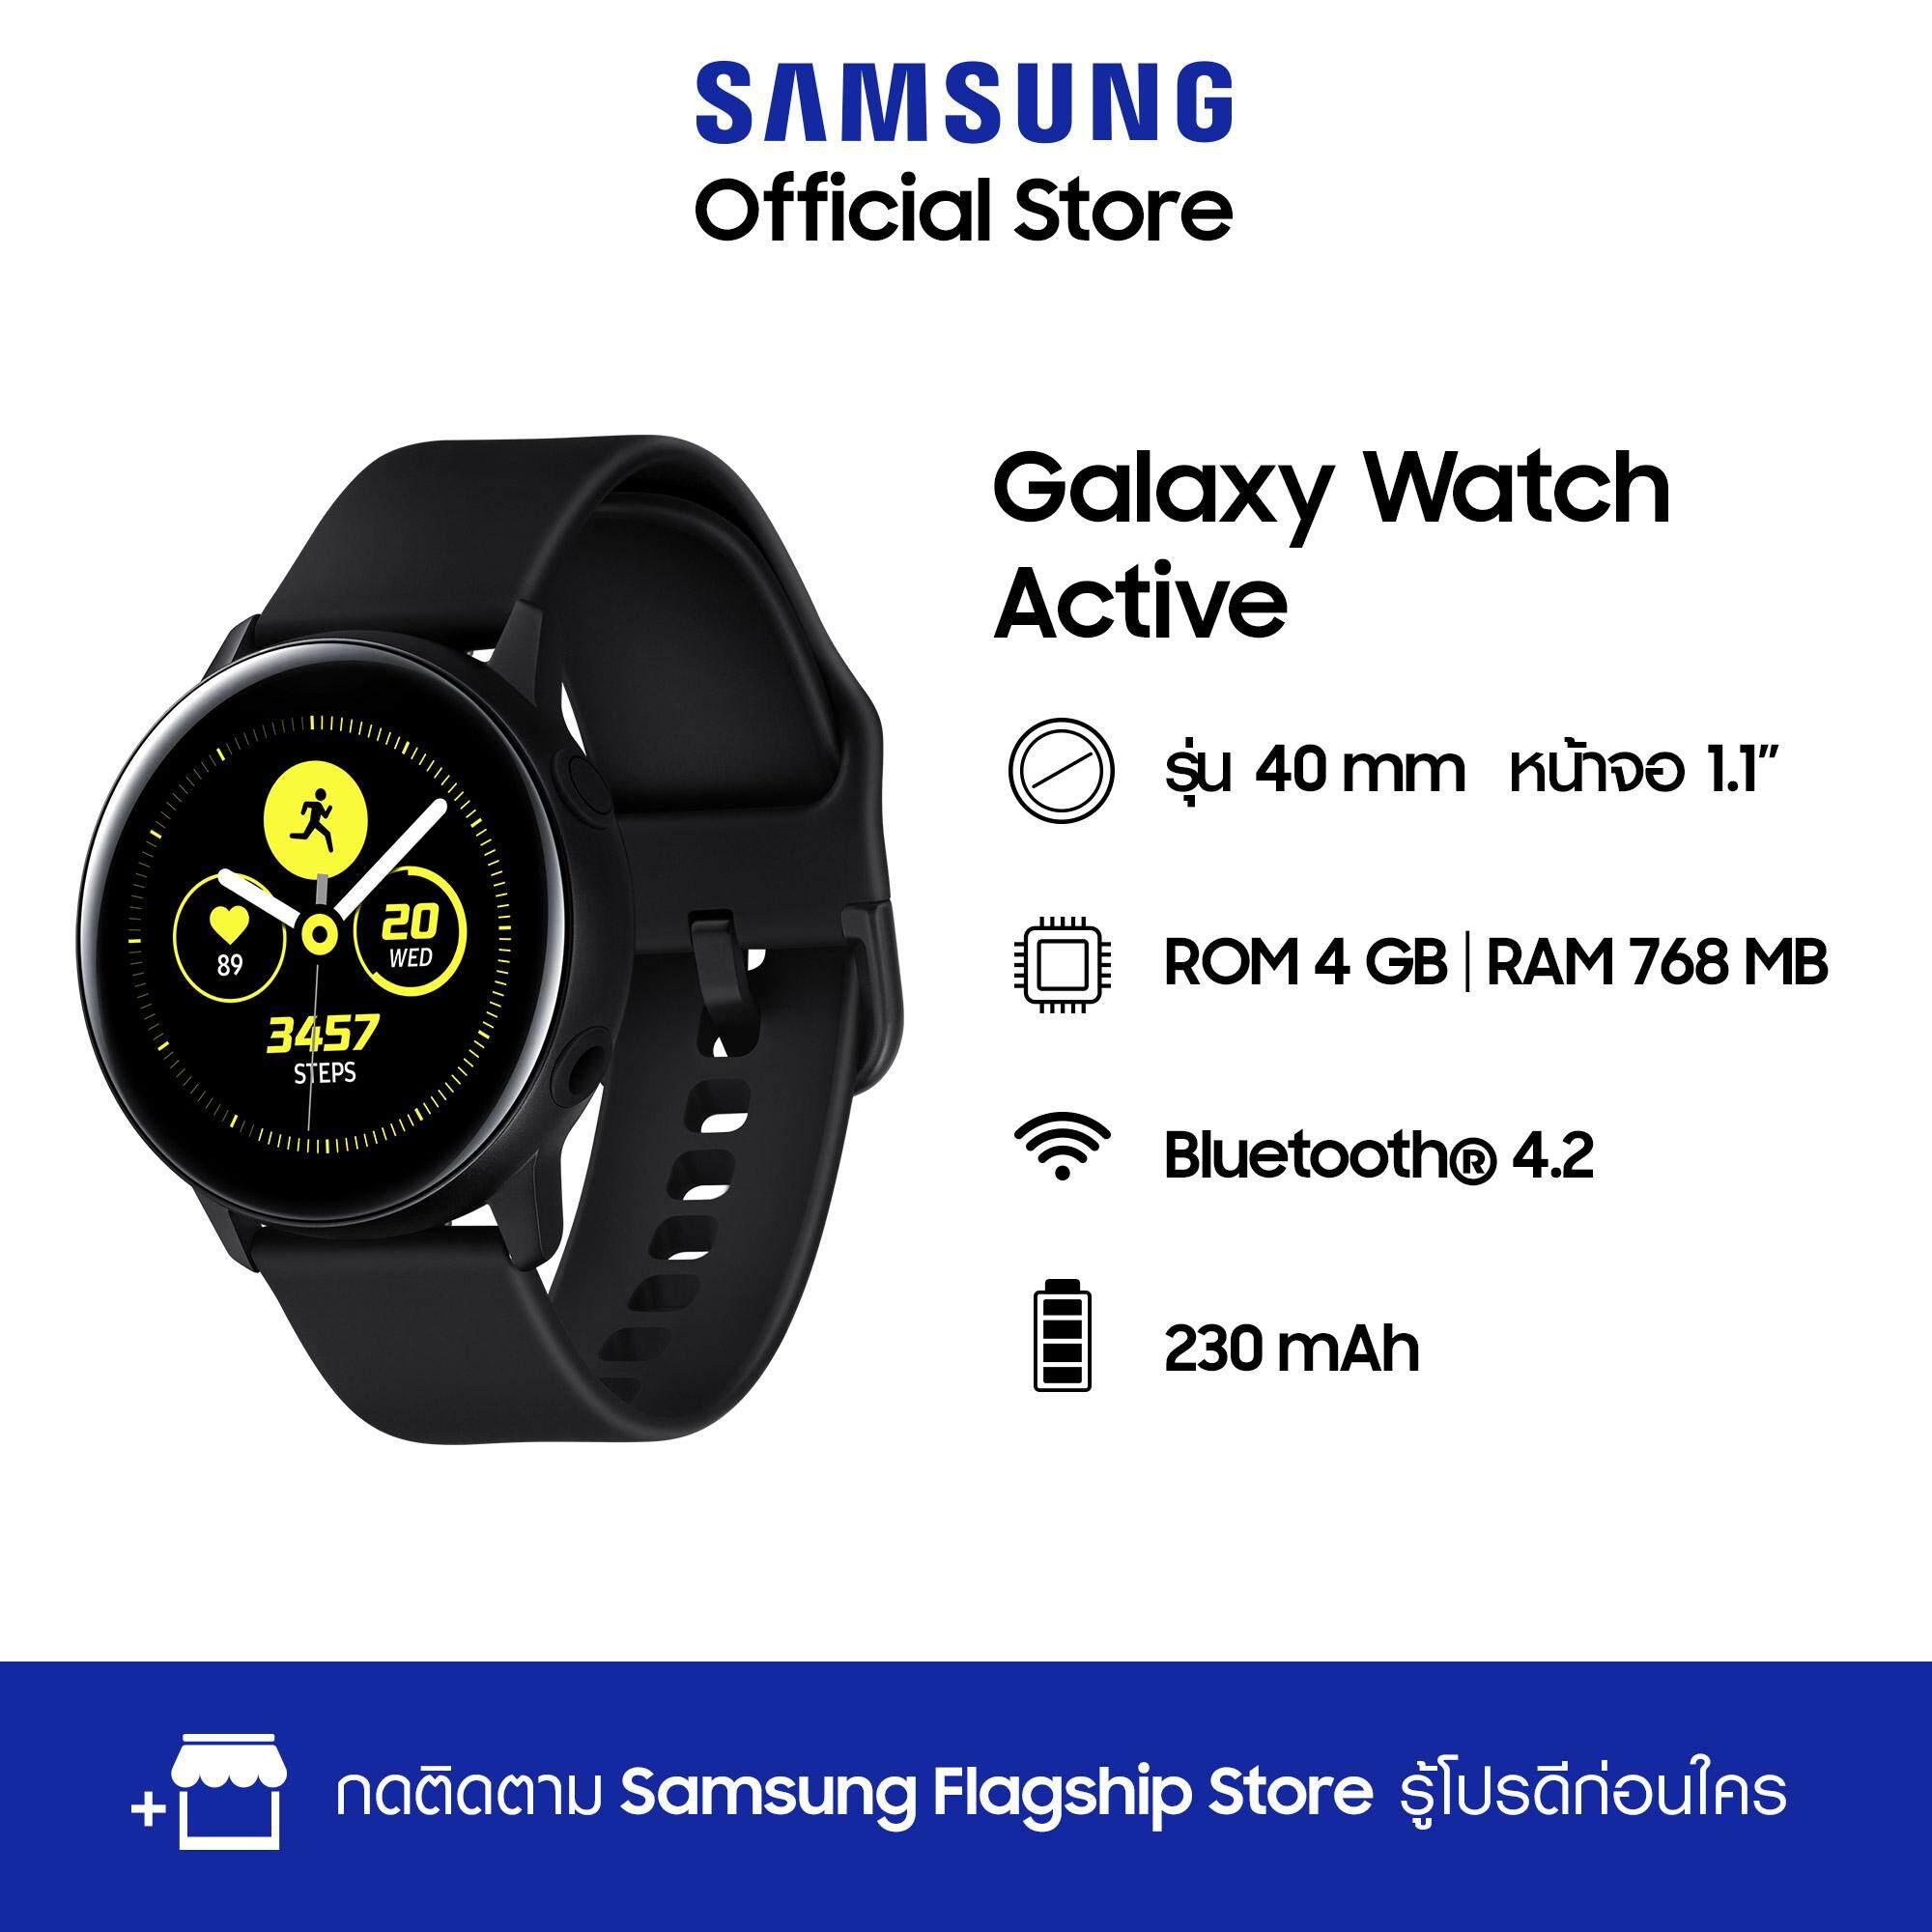 2020 [ราคาพิเศษ!!!][รับประกันร้าน 3 ปี] Samsung Galaxy Watch Active ( สมาร์ทวอทช์ Smart Watch ) [global Version] แถมฟรีฟิล์มกันรอย - คลังสินค้าพร้อม(จำกัดเวลาการลดราคา).